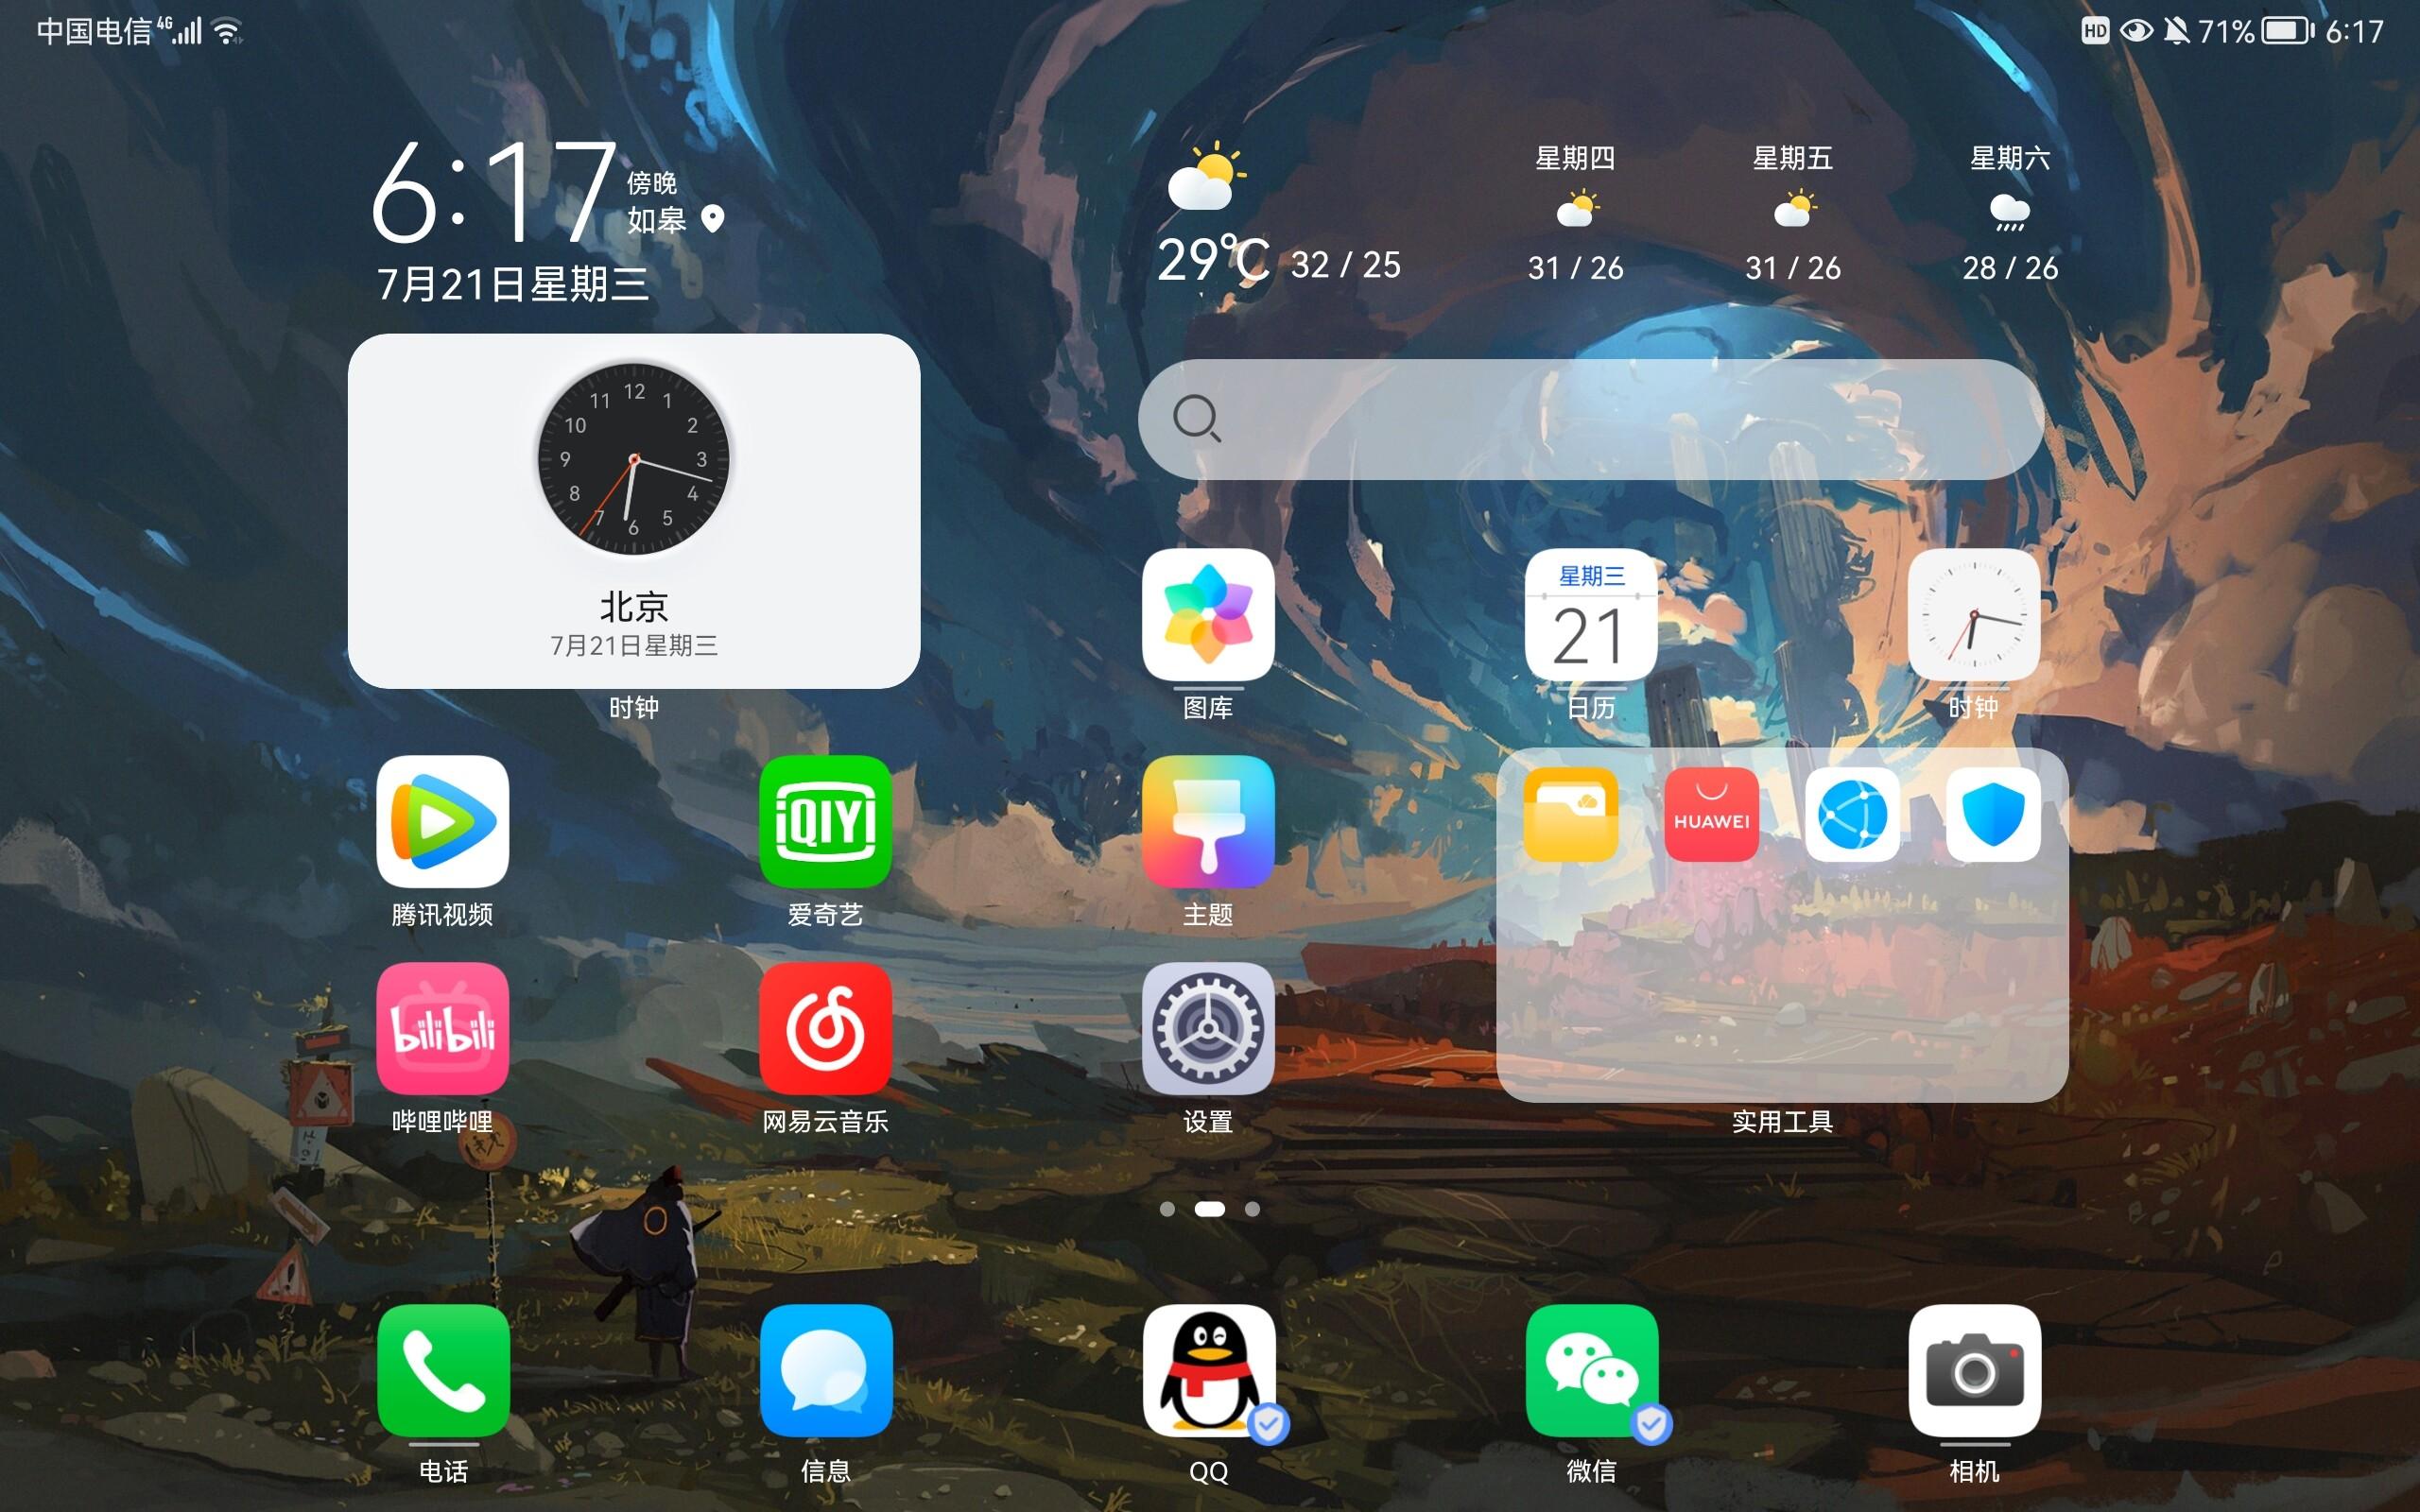 Screenshot_20210721_181736_com.huawei.android.launcher.jpg